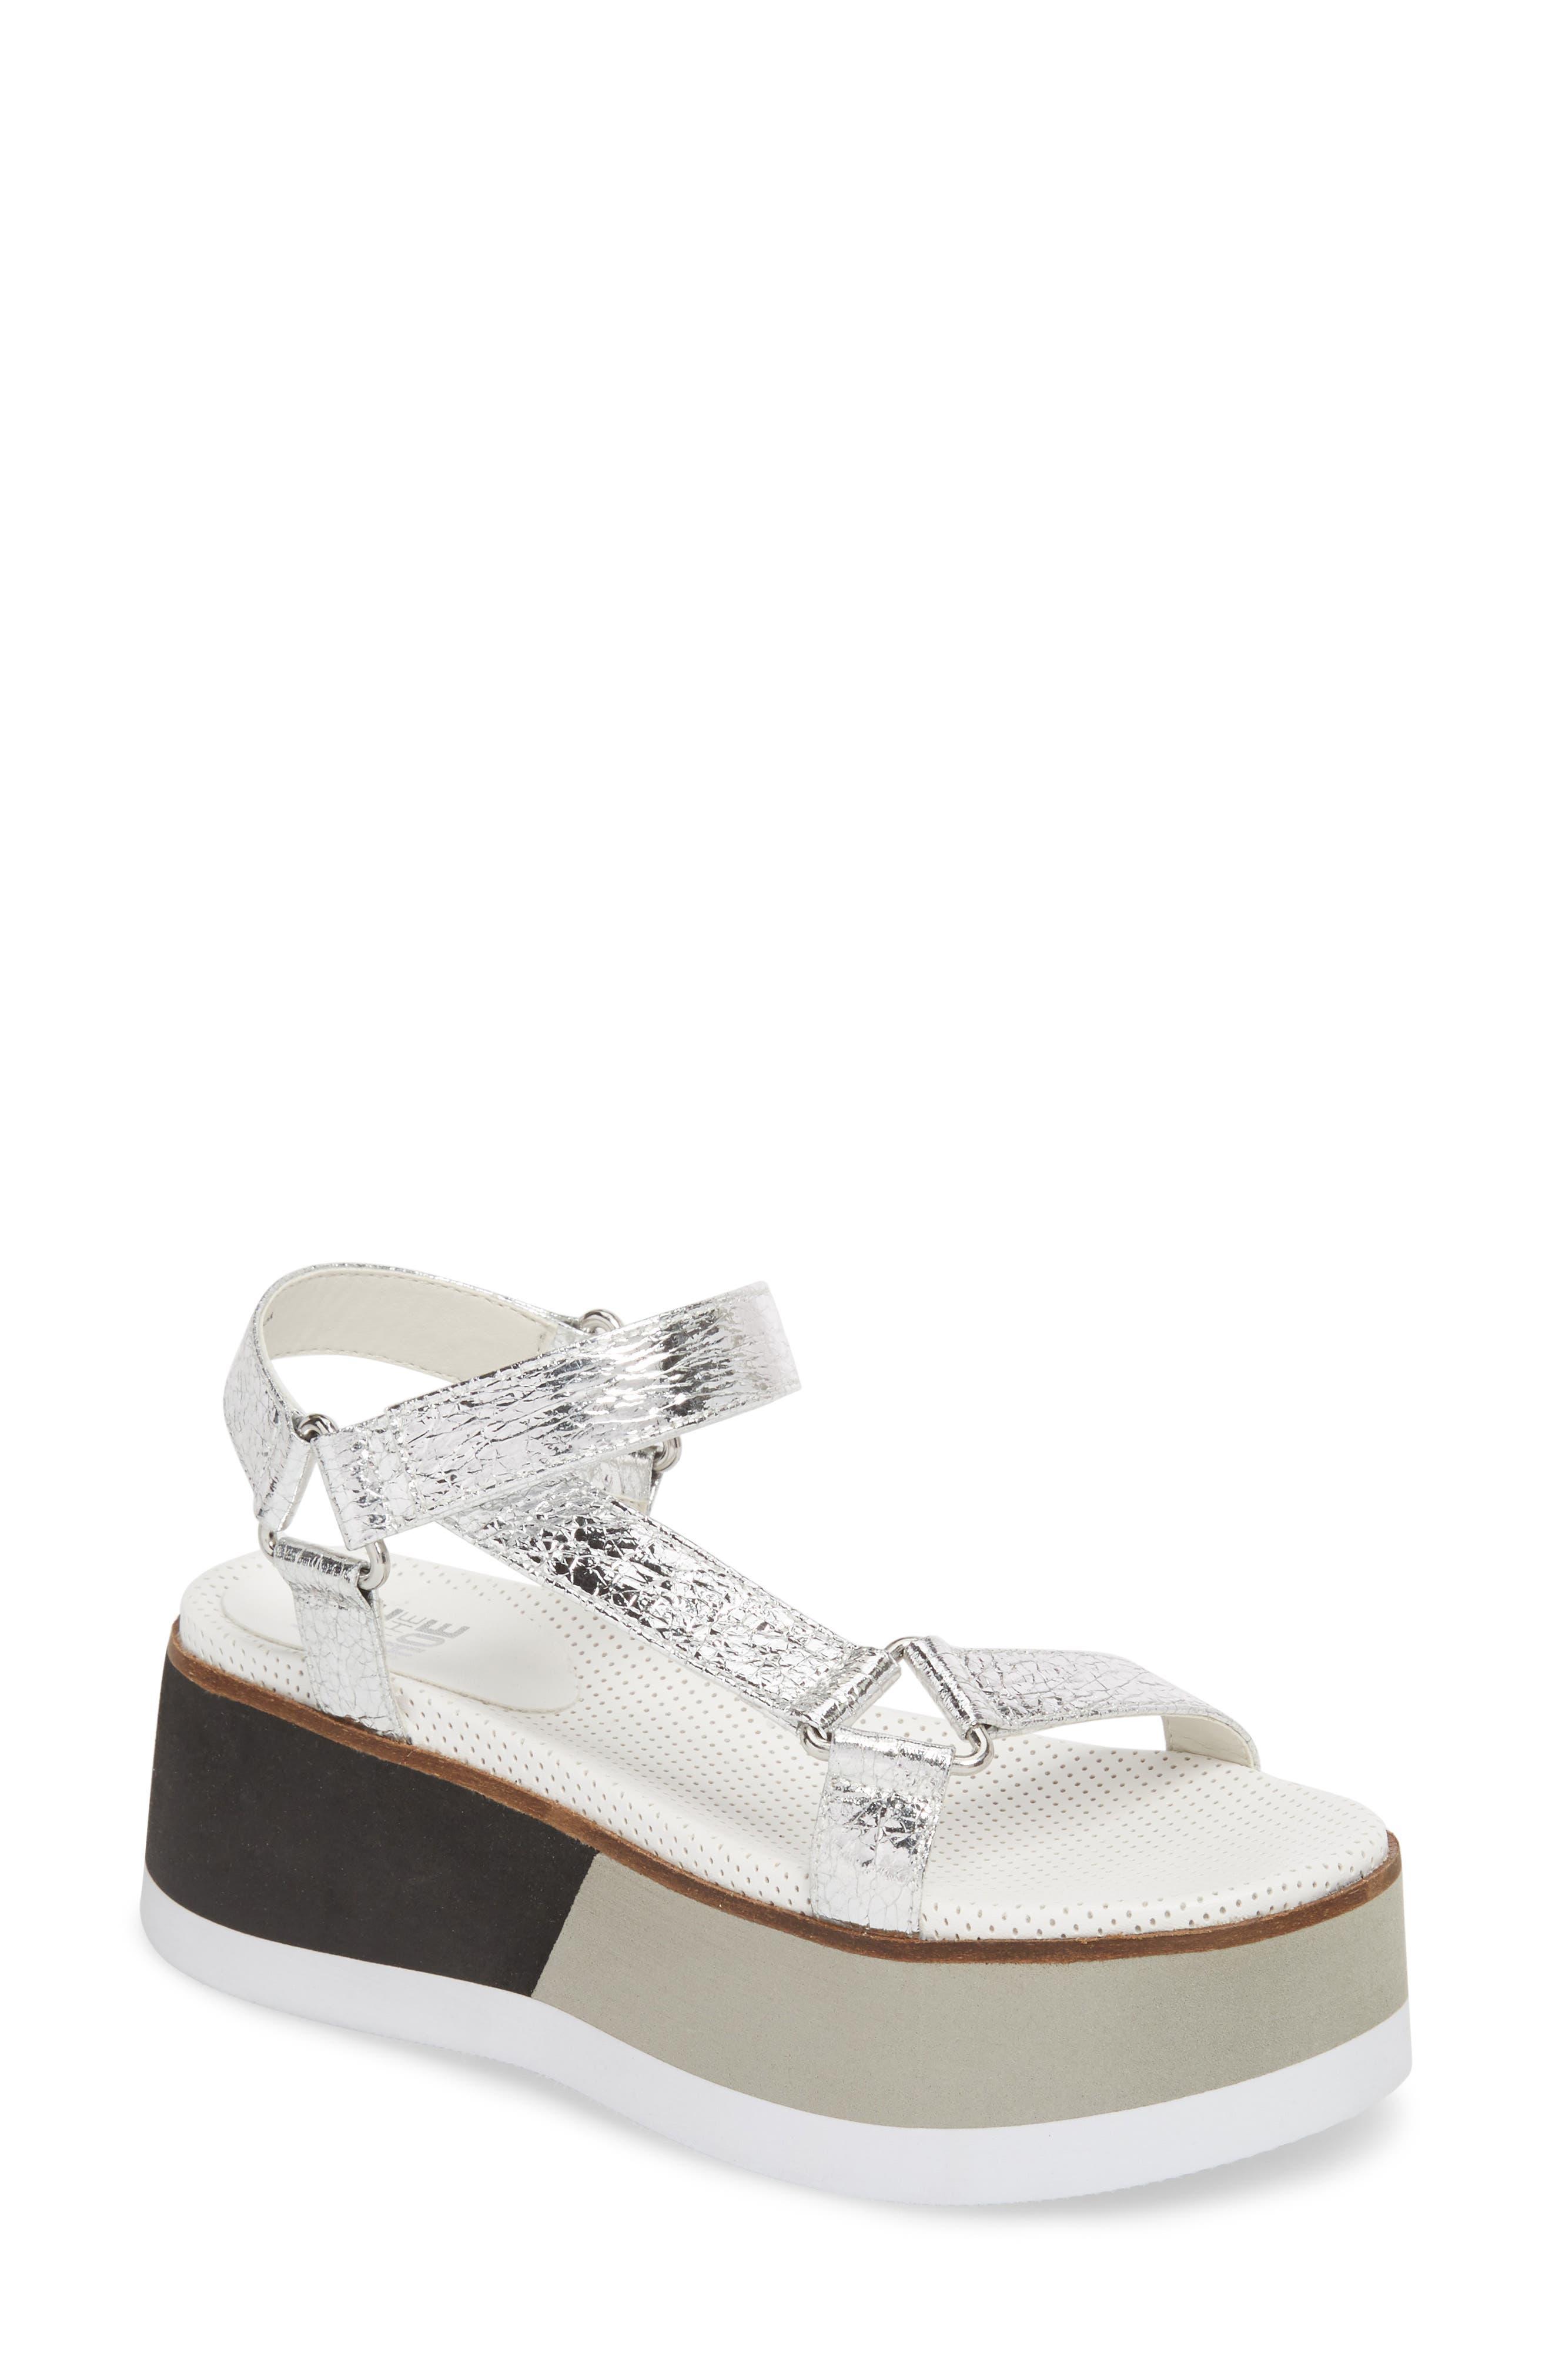 Jayden Platform Sport Sandal,                         Main,                         color, Silver